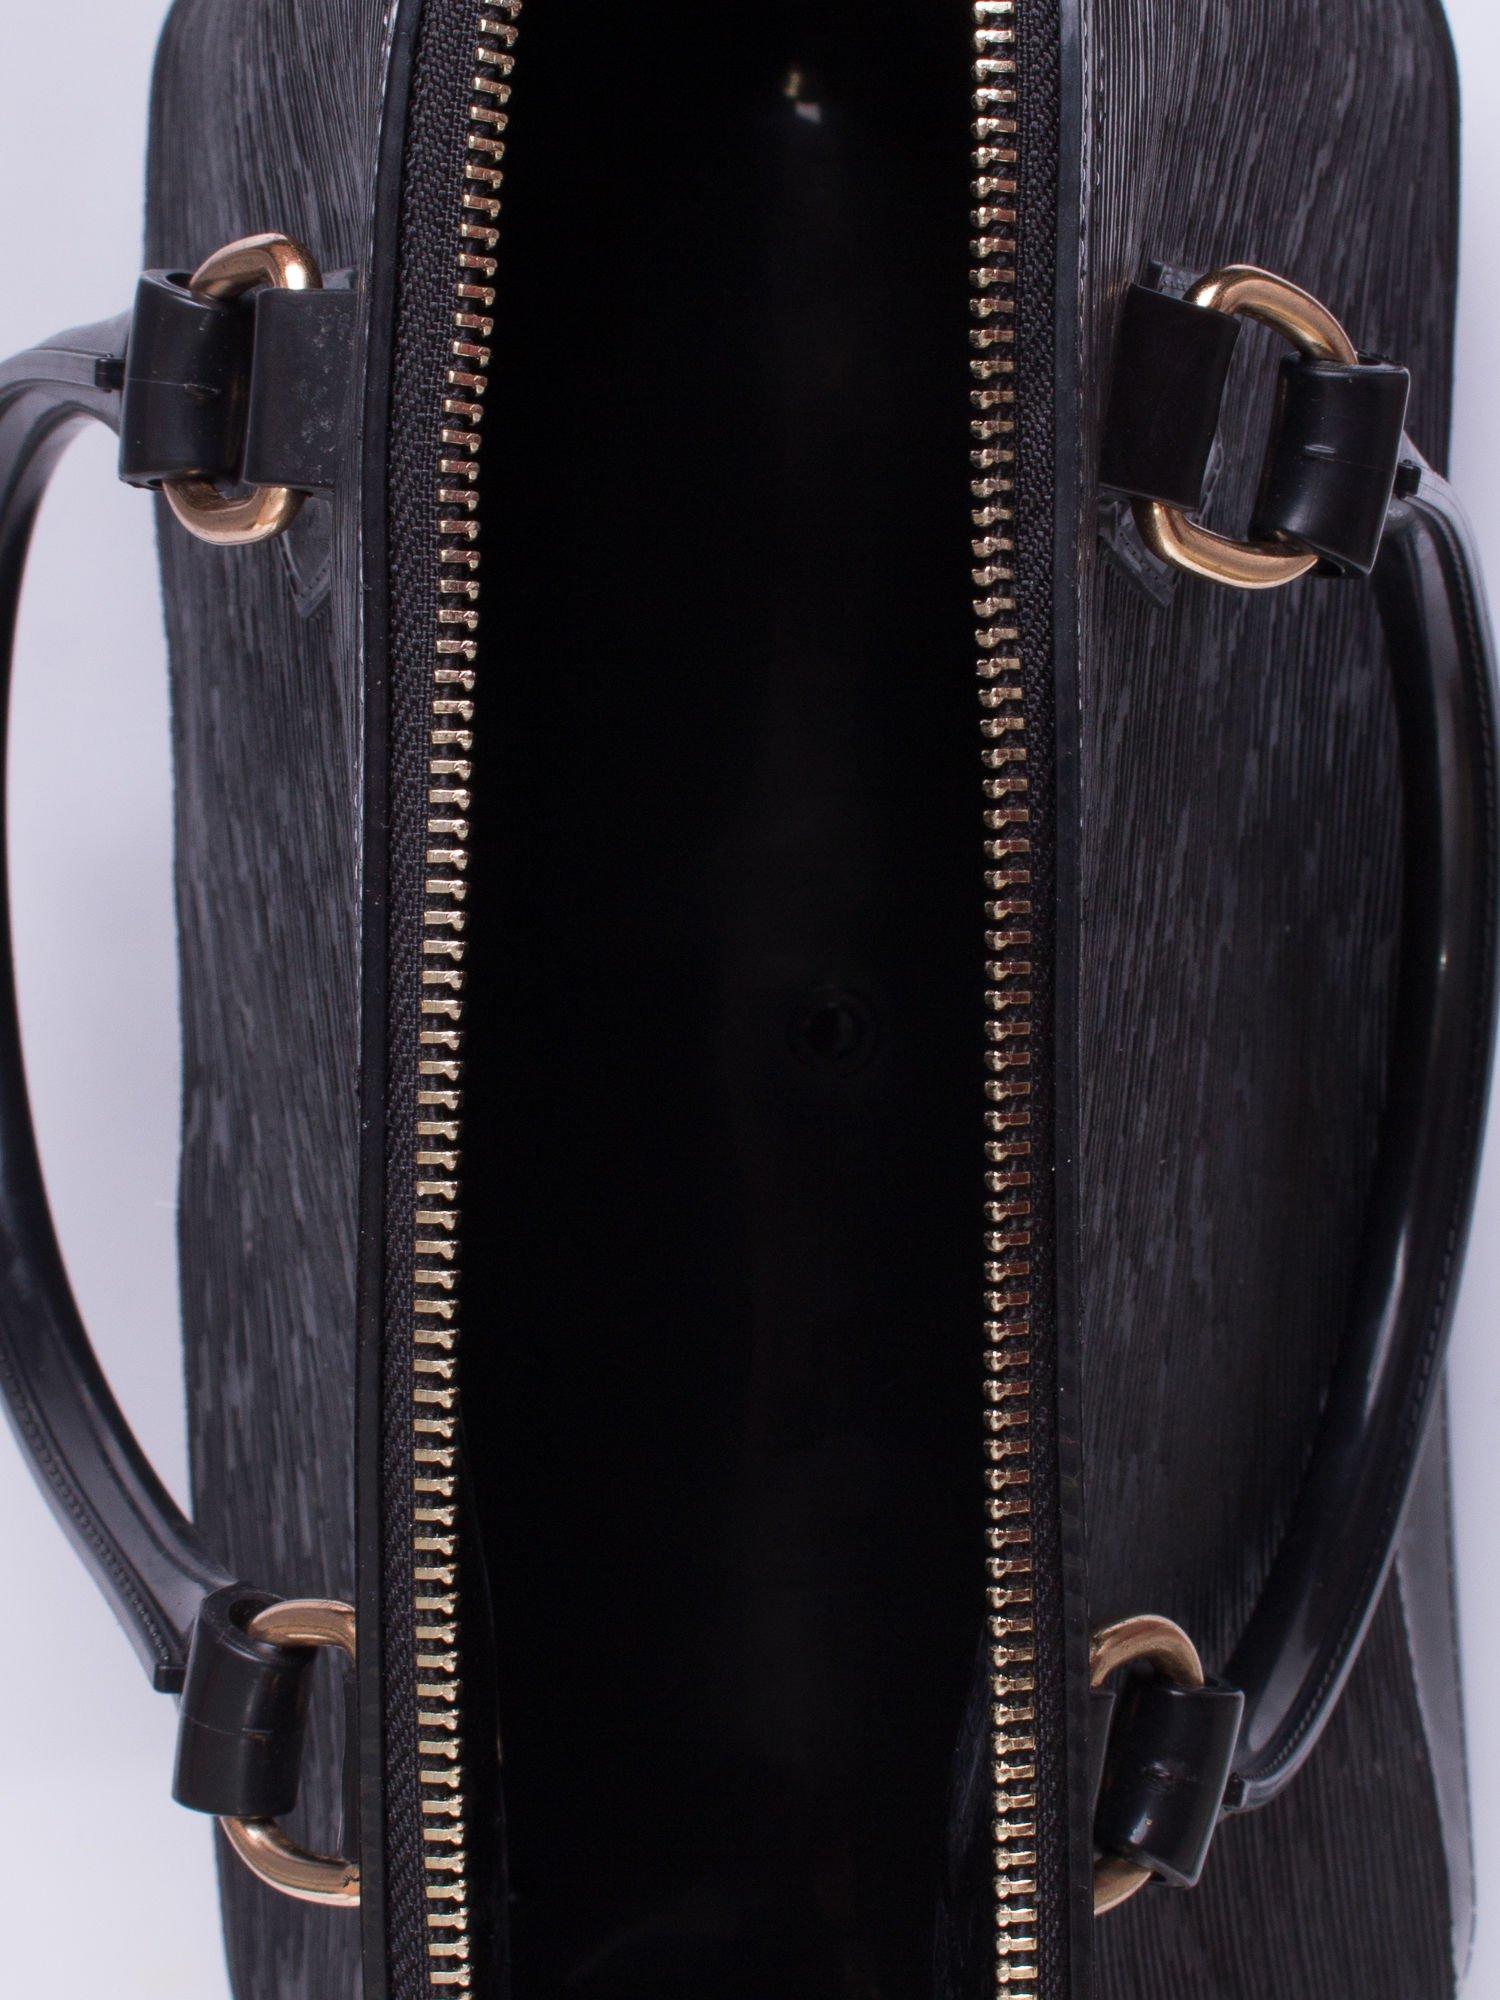 Czarna fakturowana torba gumowa kuferek z rączką                                  zdj.                                  3